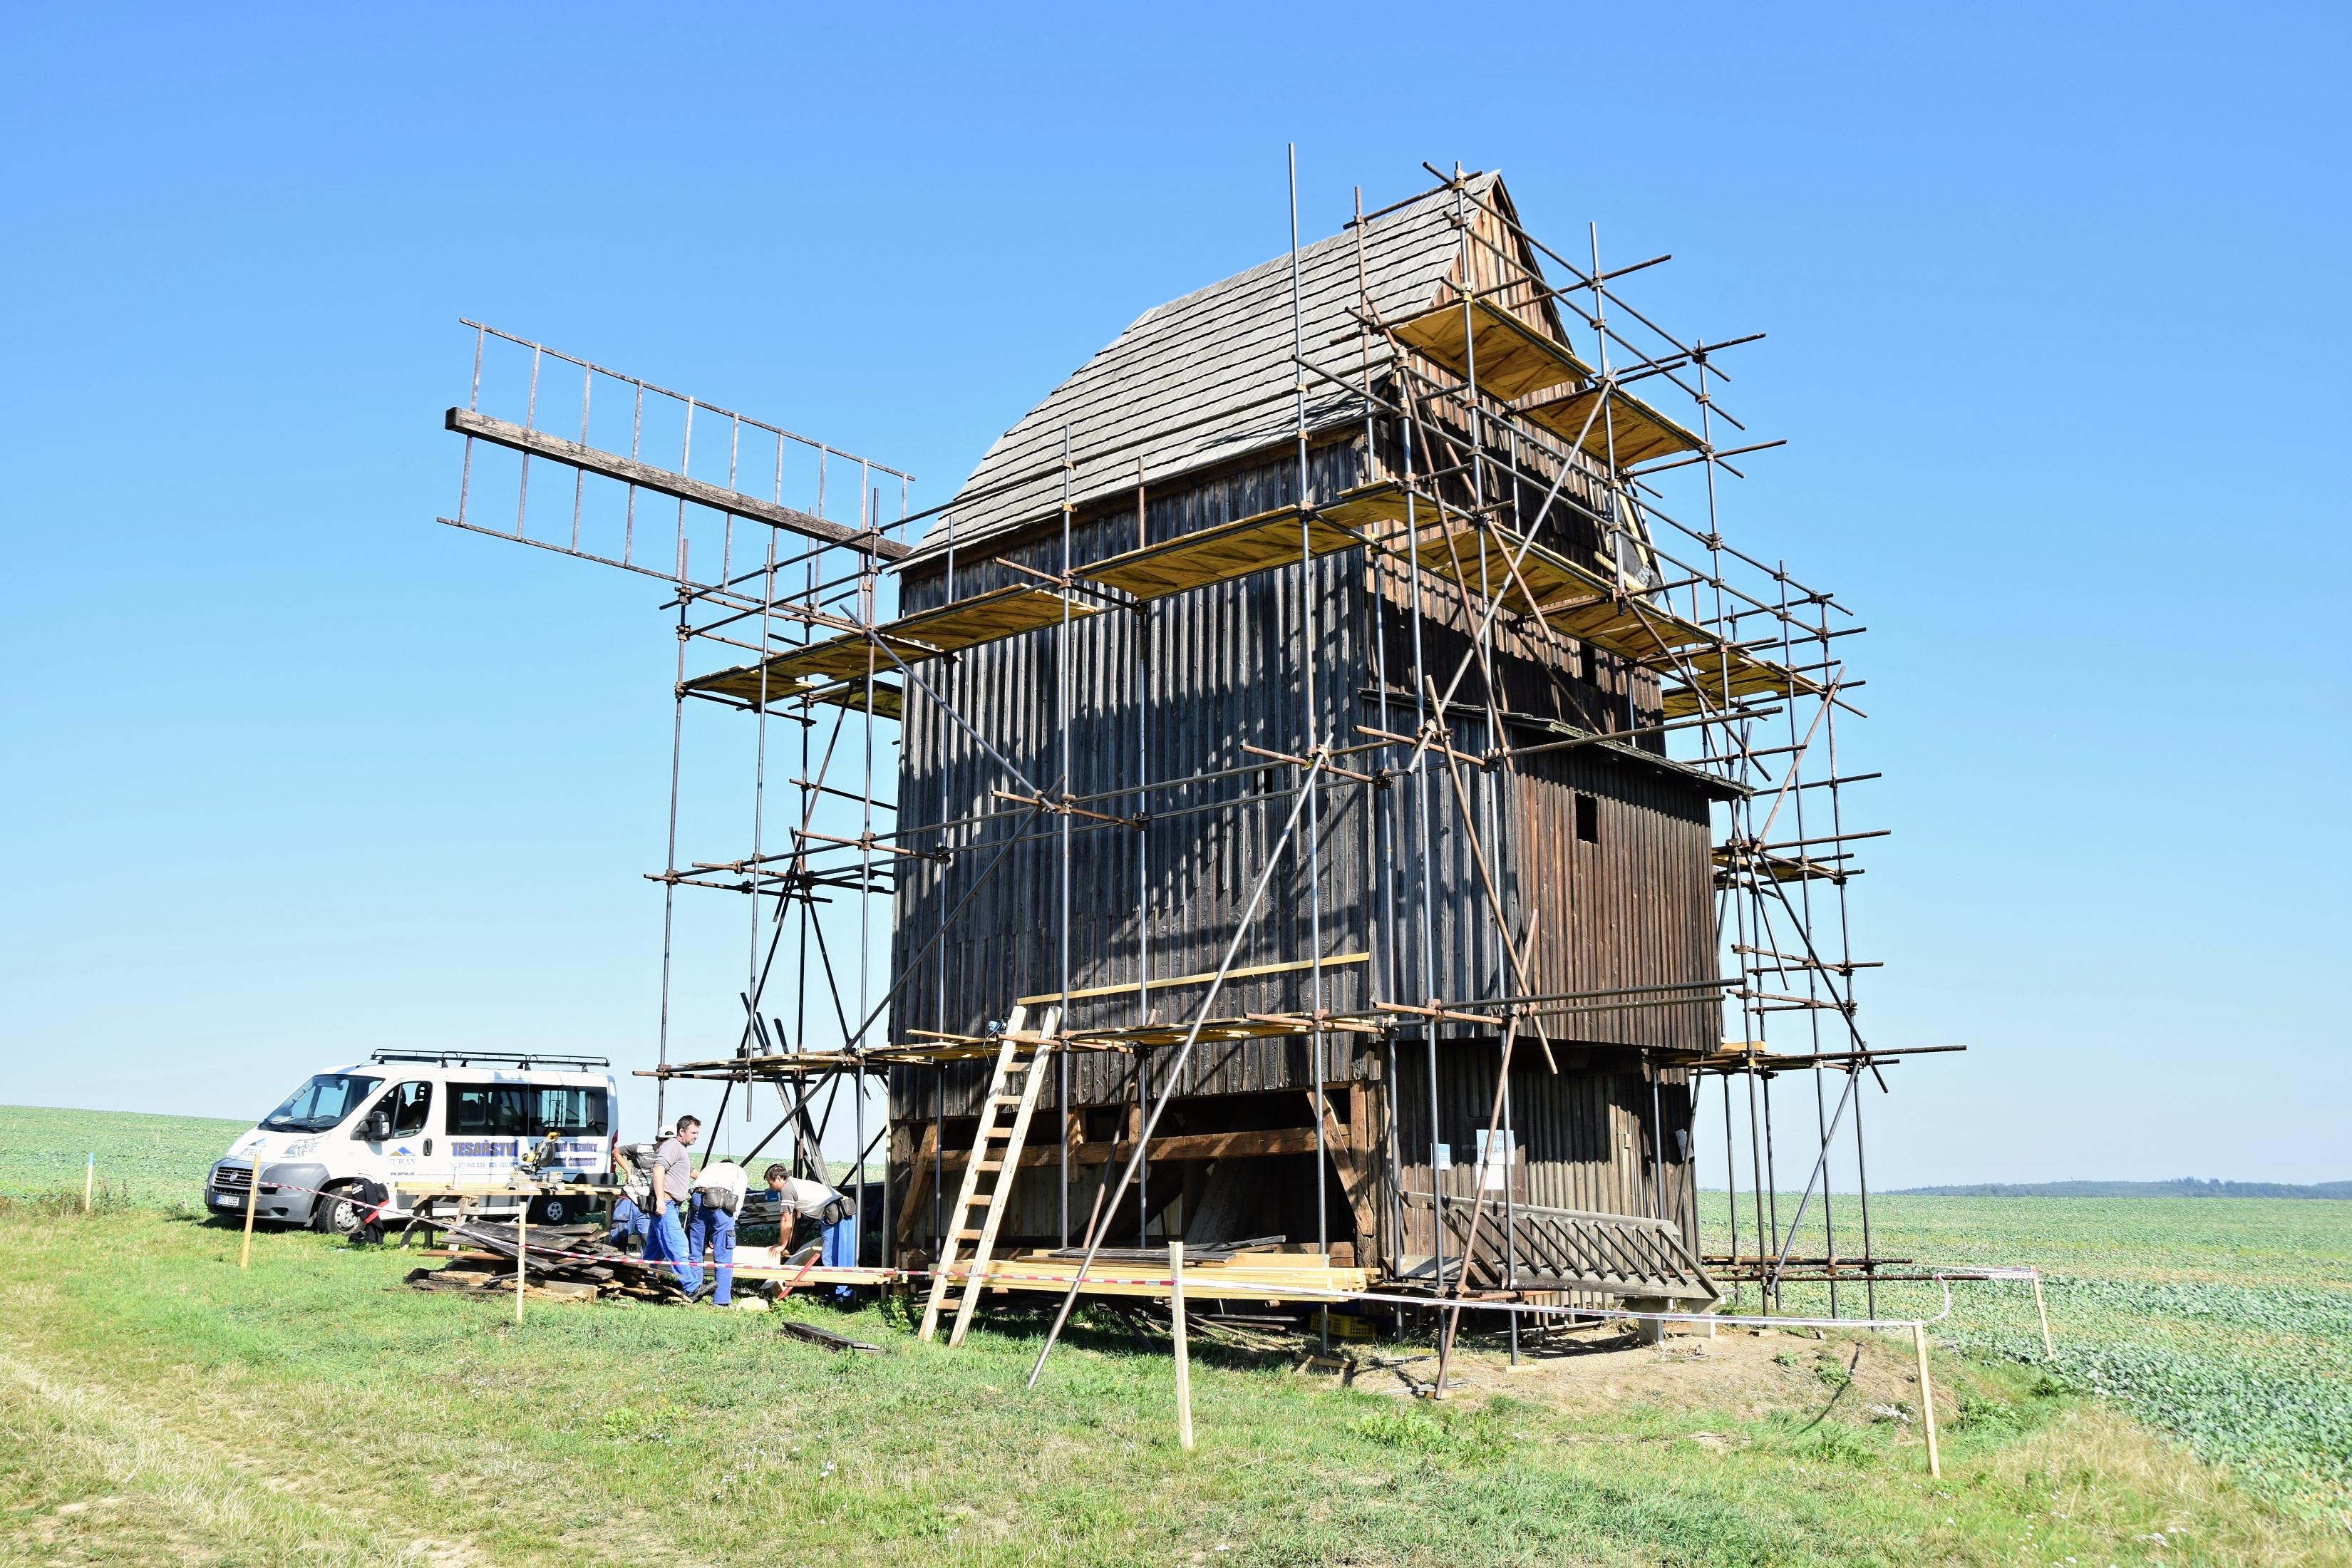 Větrný mlýn v Nových Dvorech u Bílovce obklopuje lešení